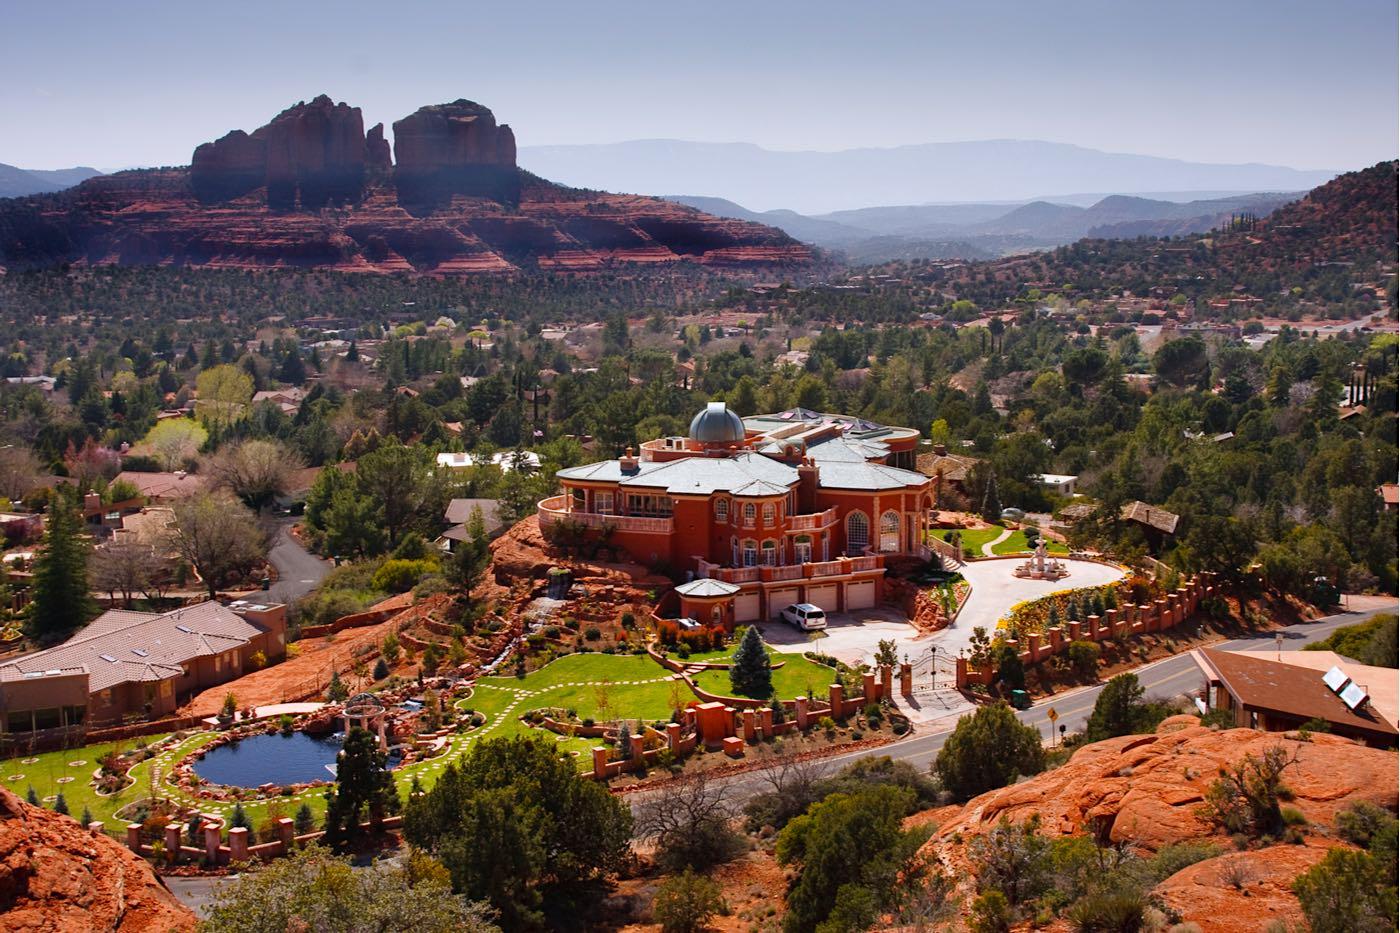 Gran mansión y paisaje desértico en la ciudad de Sedona, Arizona.